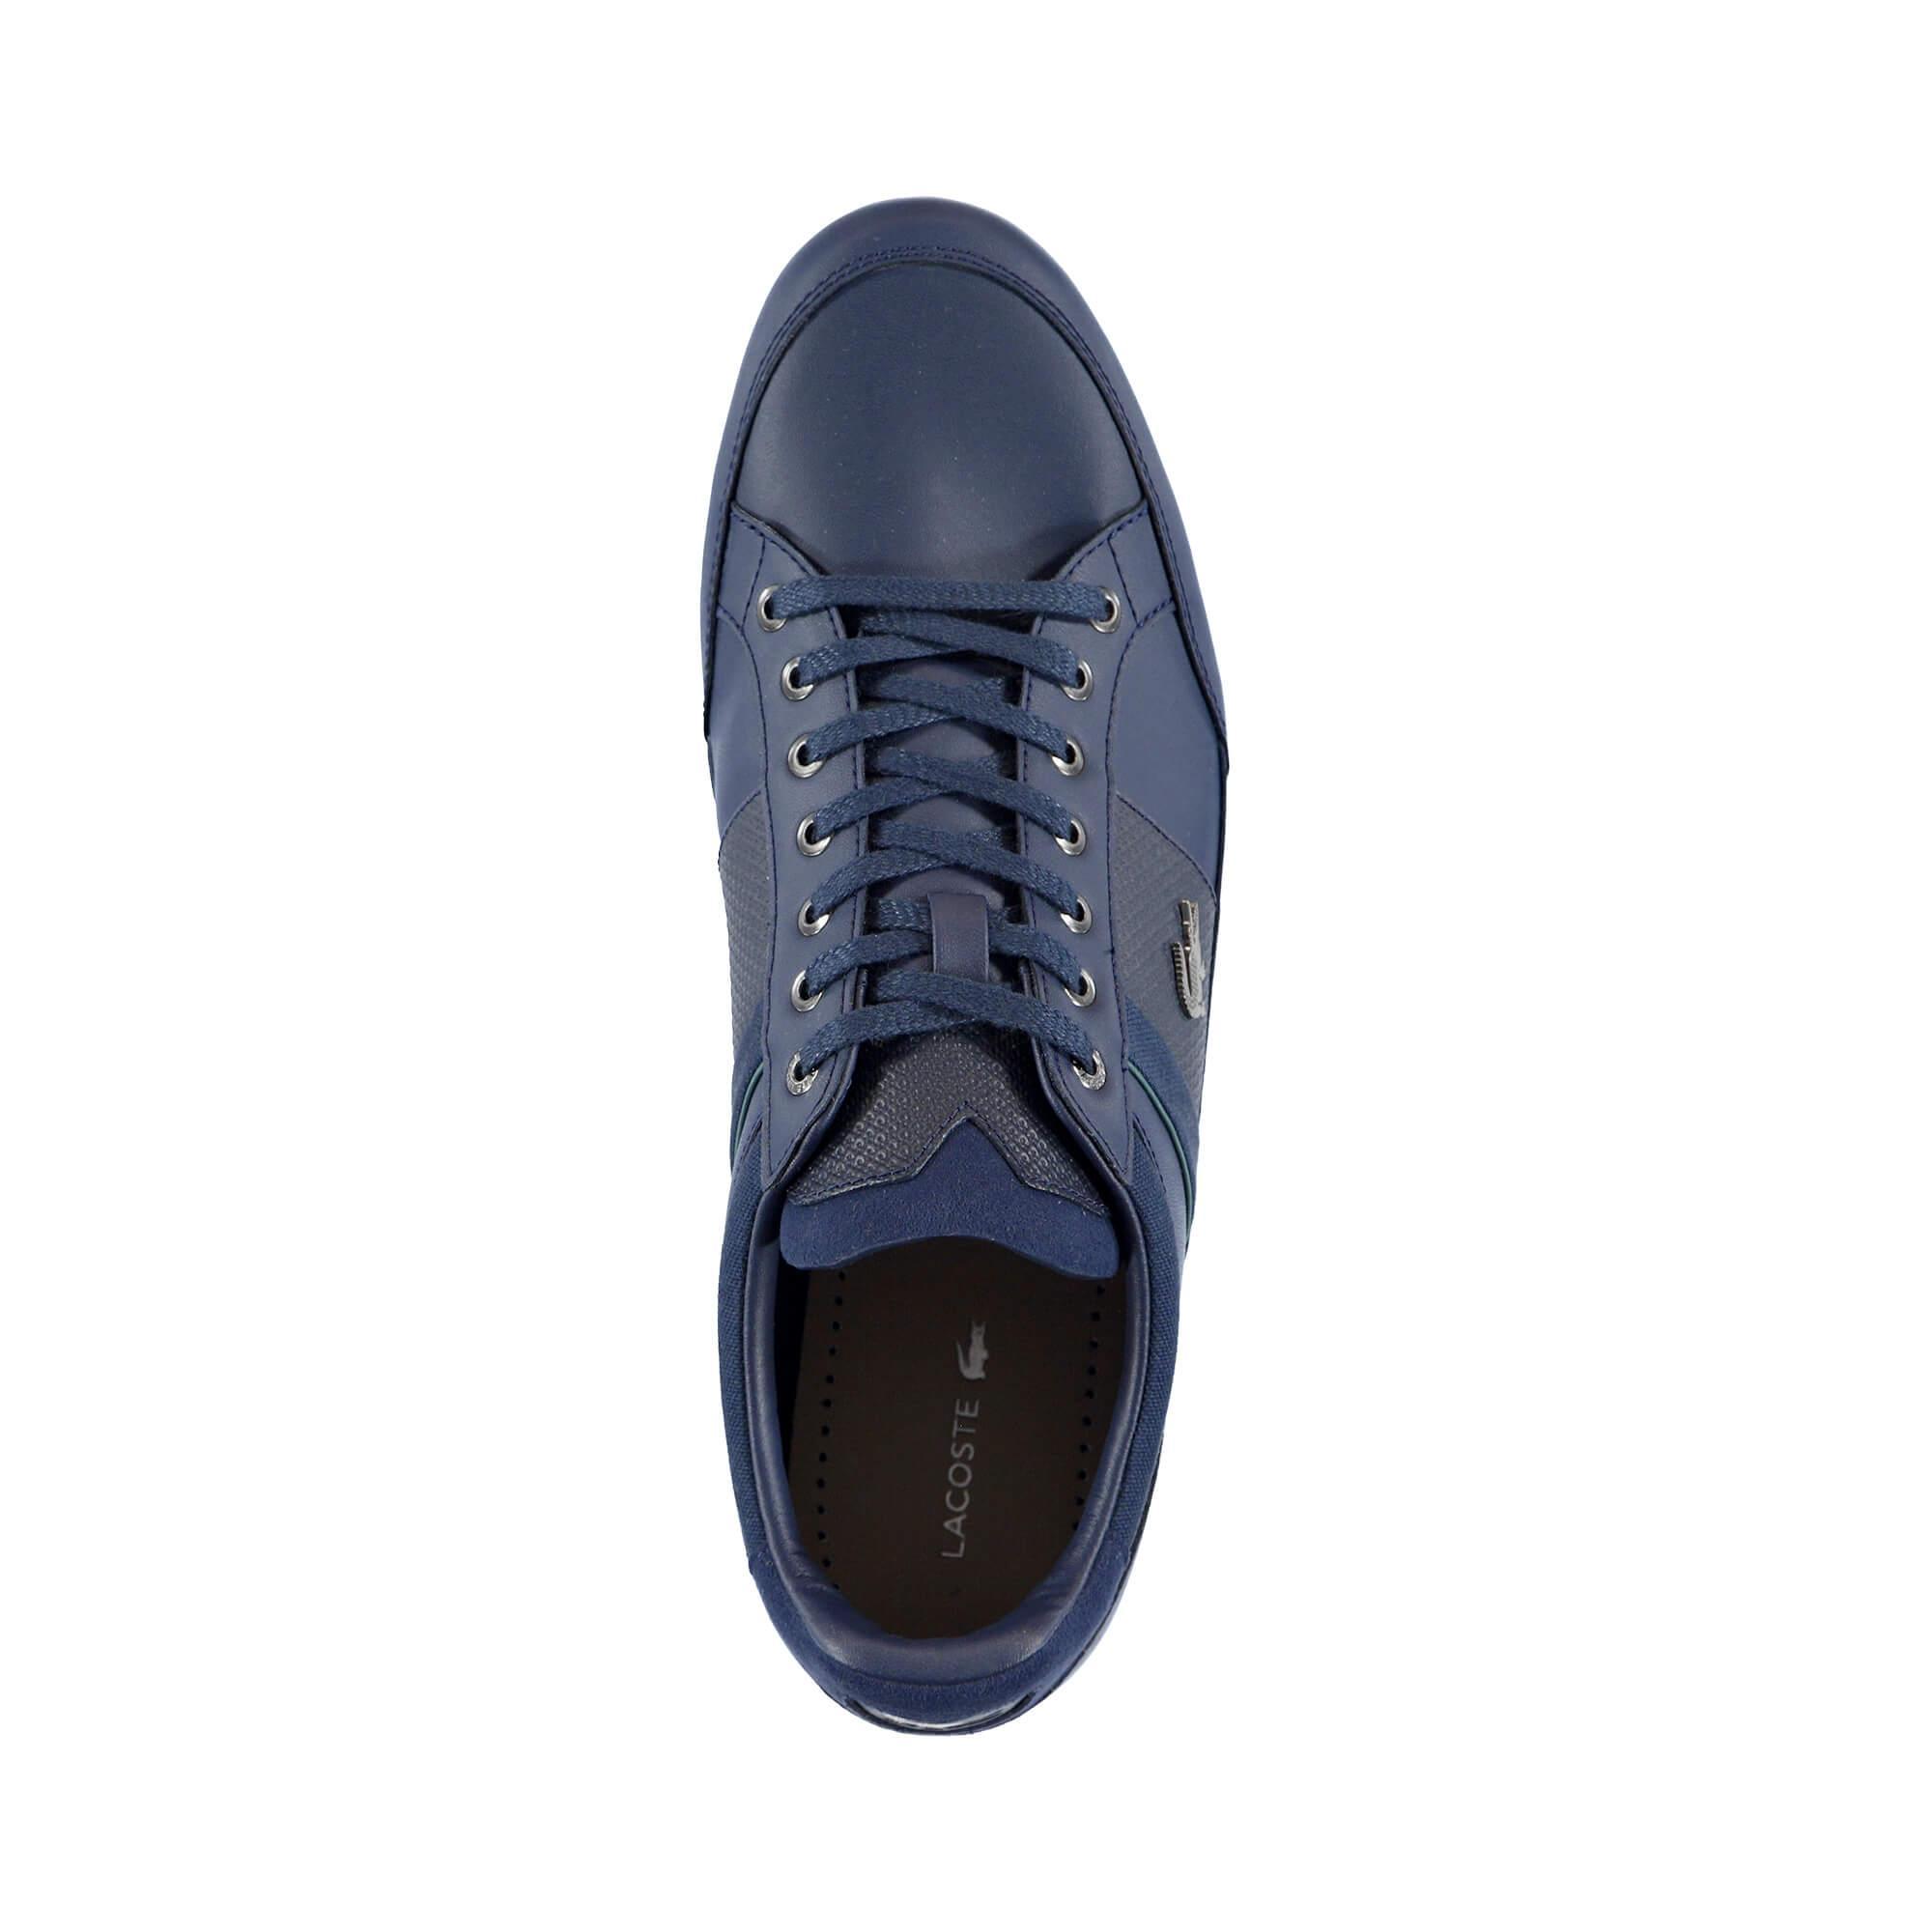 Lacoste Chaymon Lacivert Erkek Ayakkabı